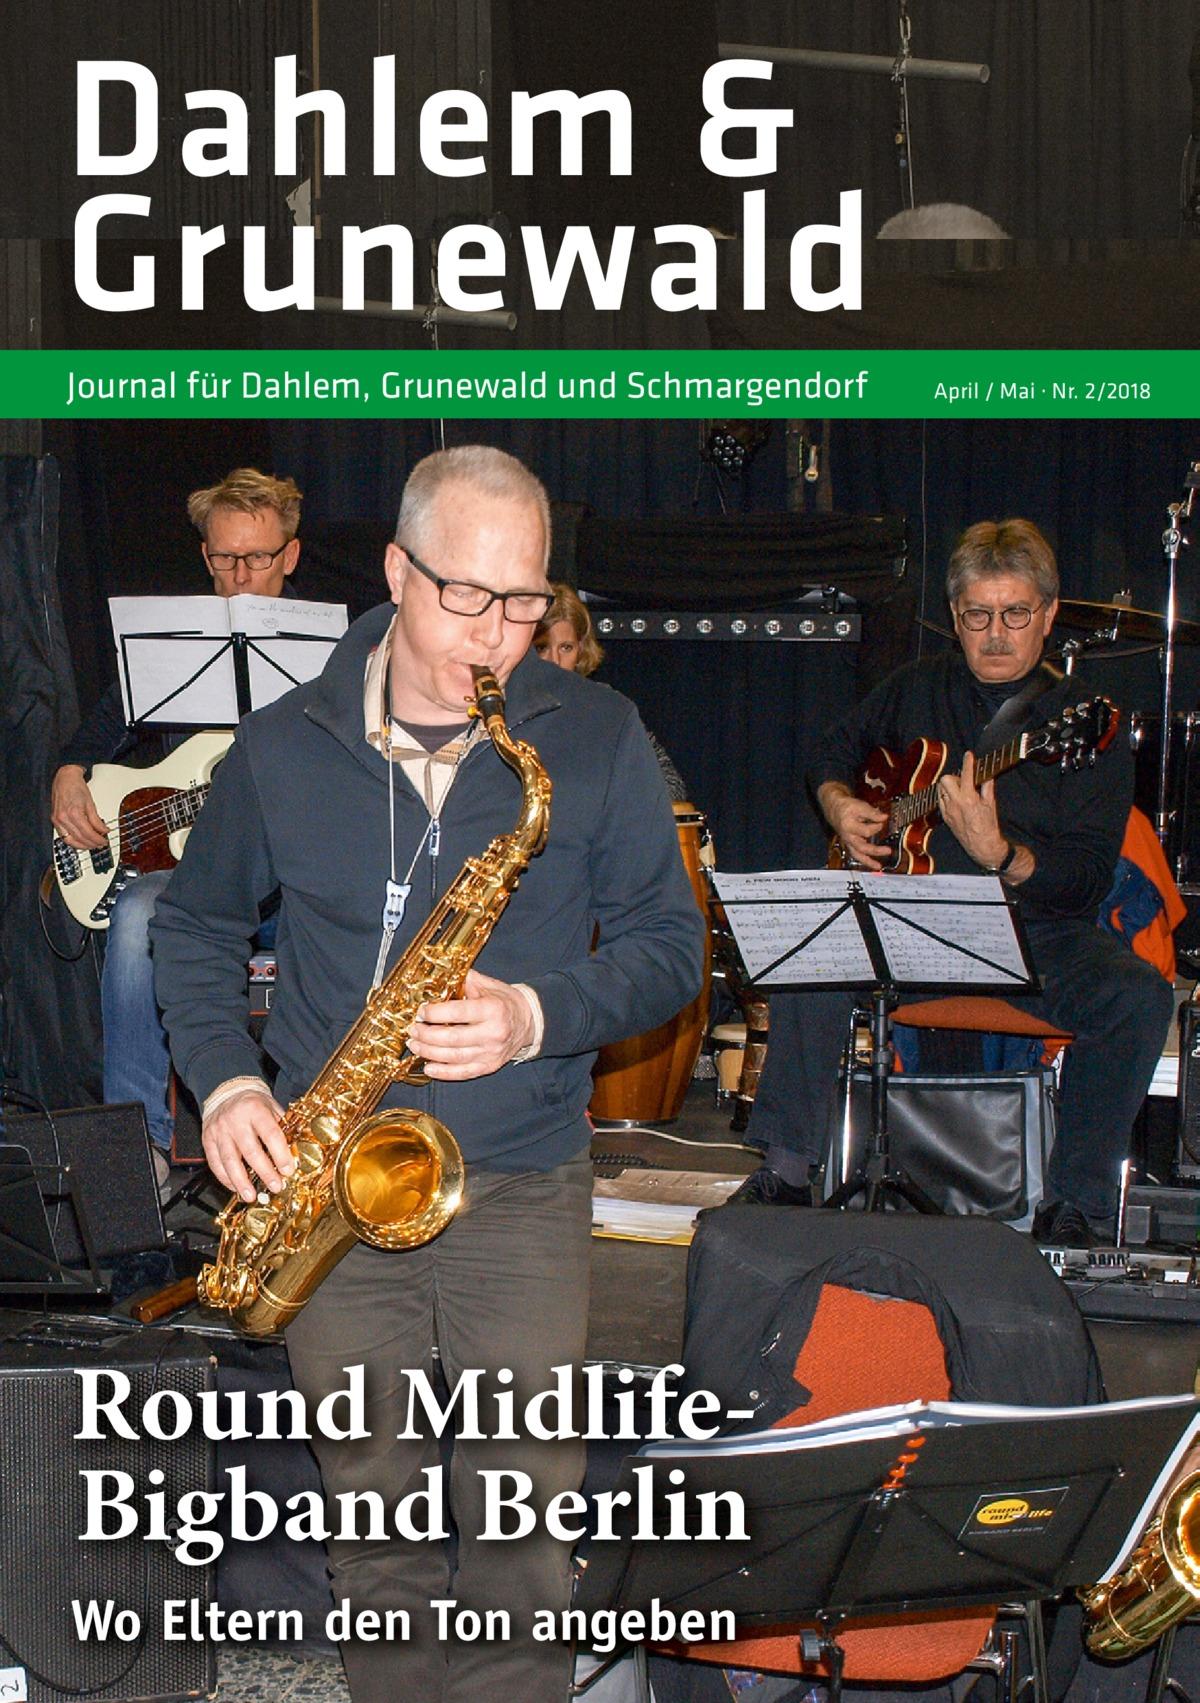 Dahlem & Grunewald Journal für Dahlem, Grunewald und Schmargendorf  Round MidlifeBigband Berlin Wo Eltern den Ton angeben  April / Mai · Nr. 2/2018